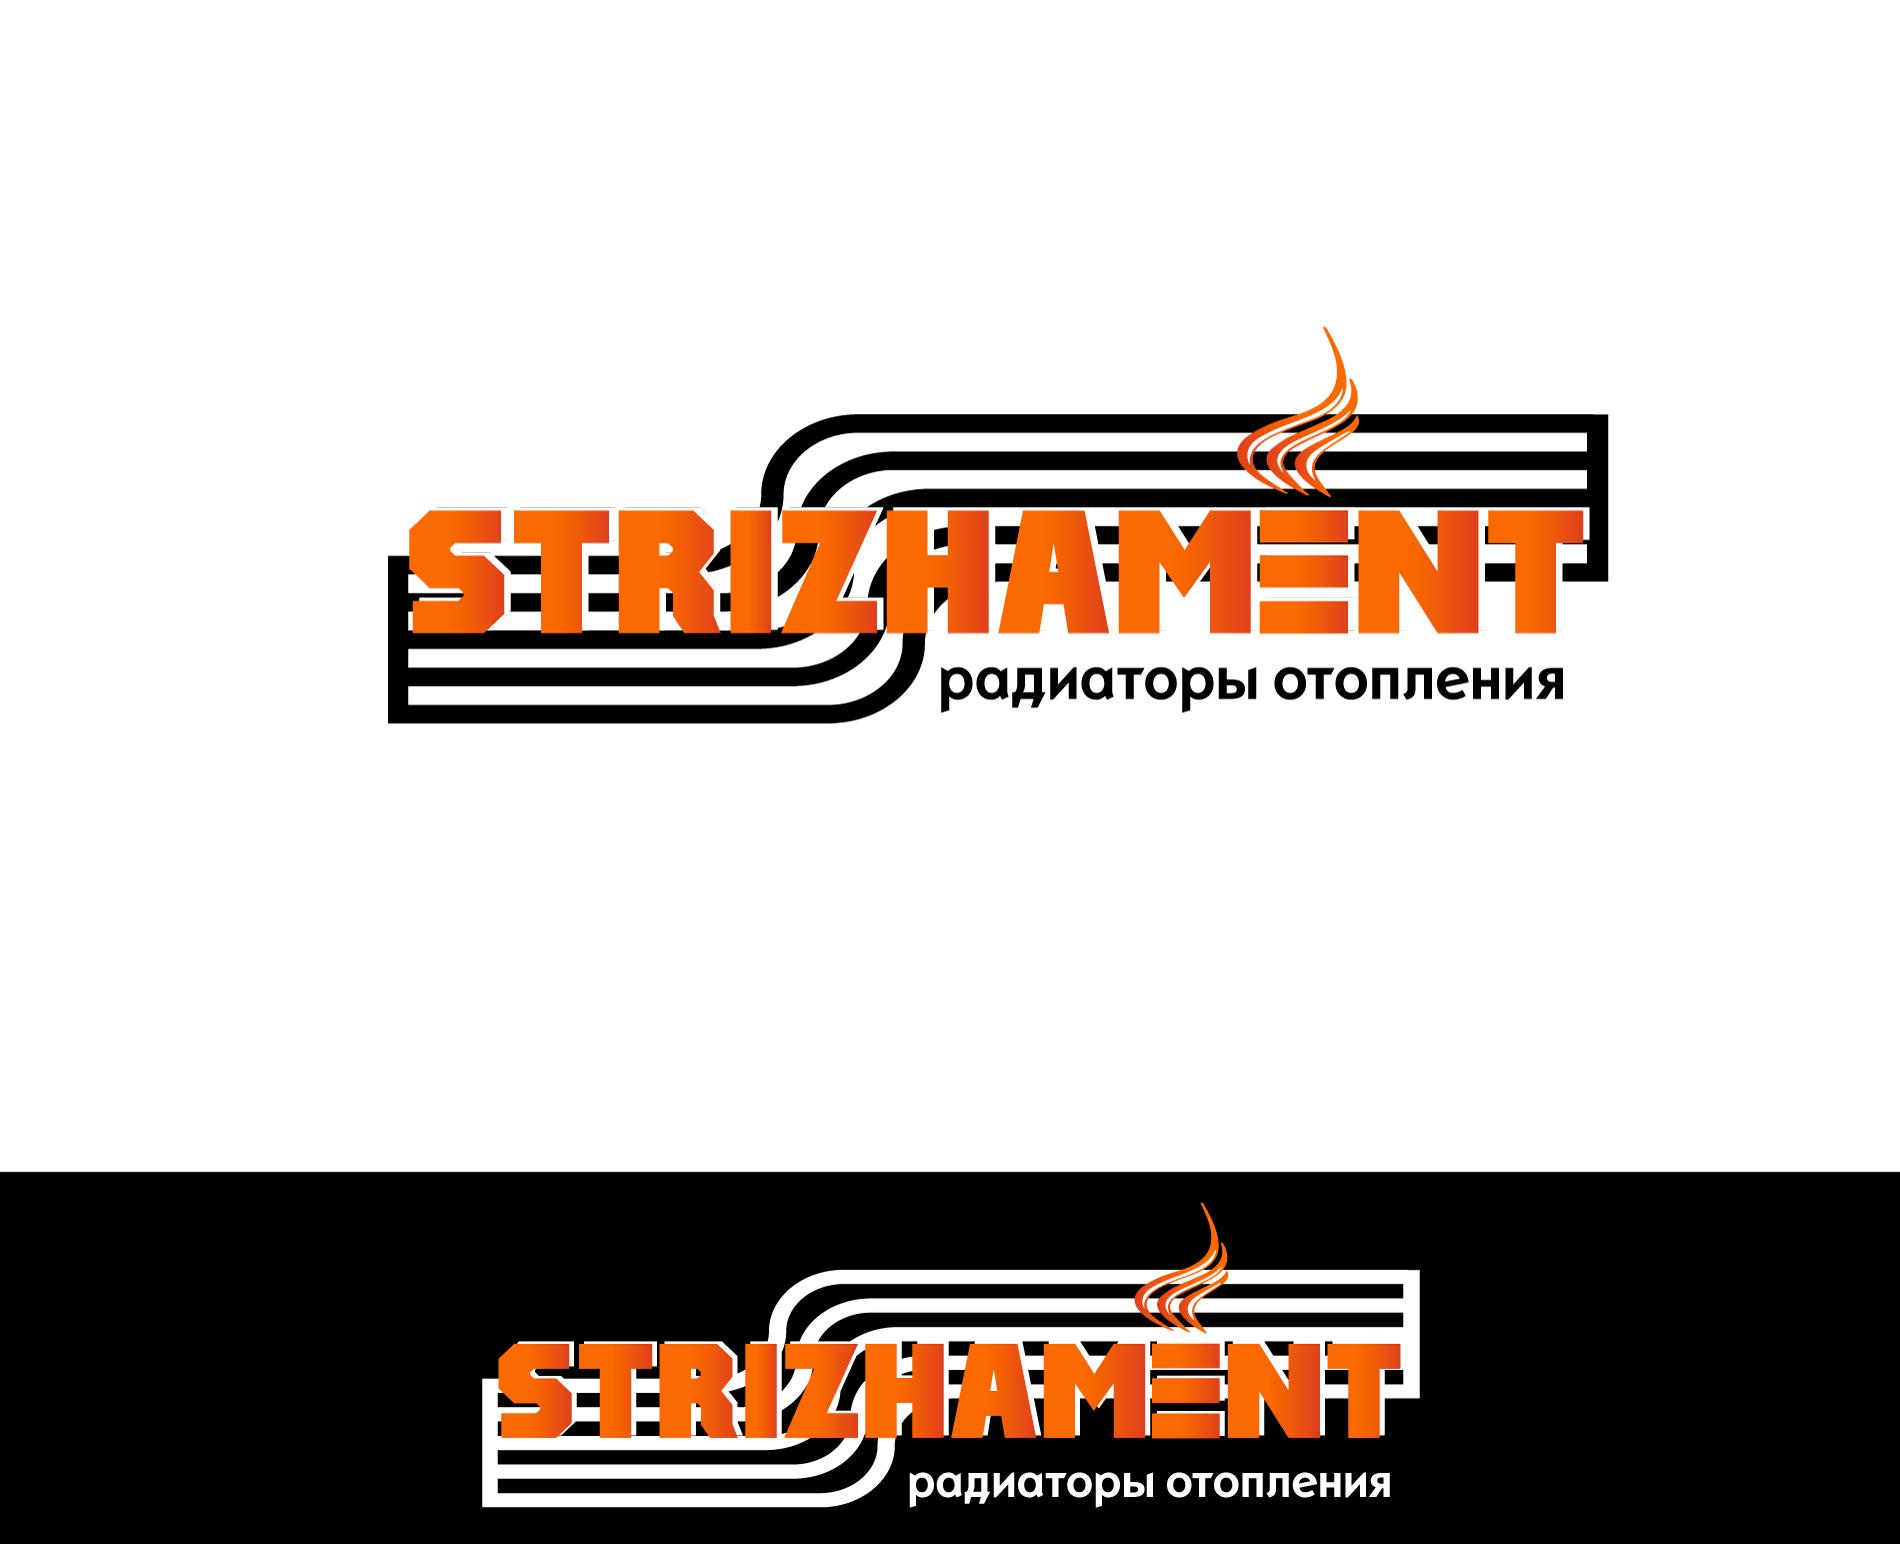 Дизайн лого бренда фото f_3825d51d29a48cb1.jpg